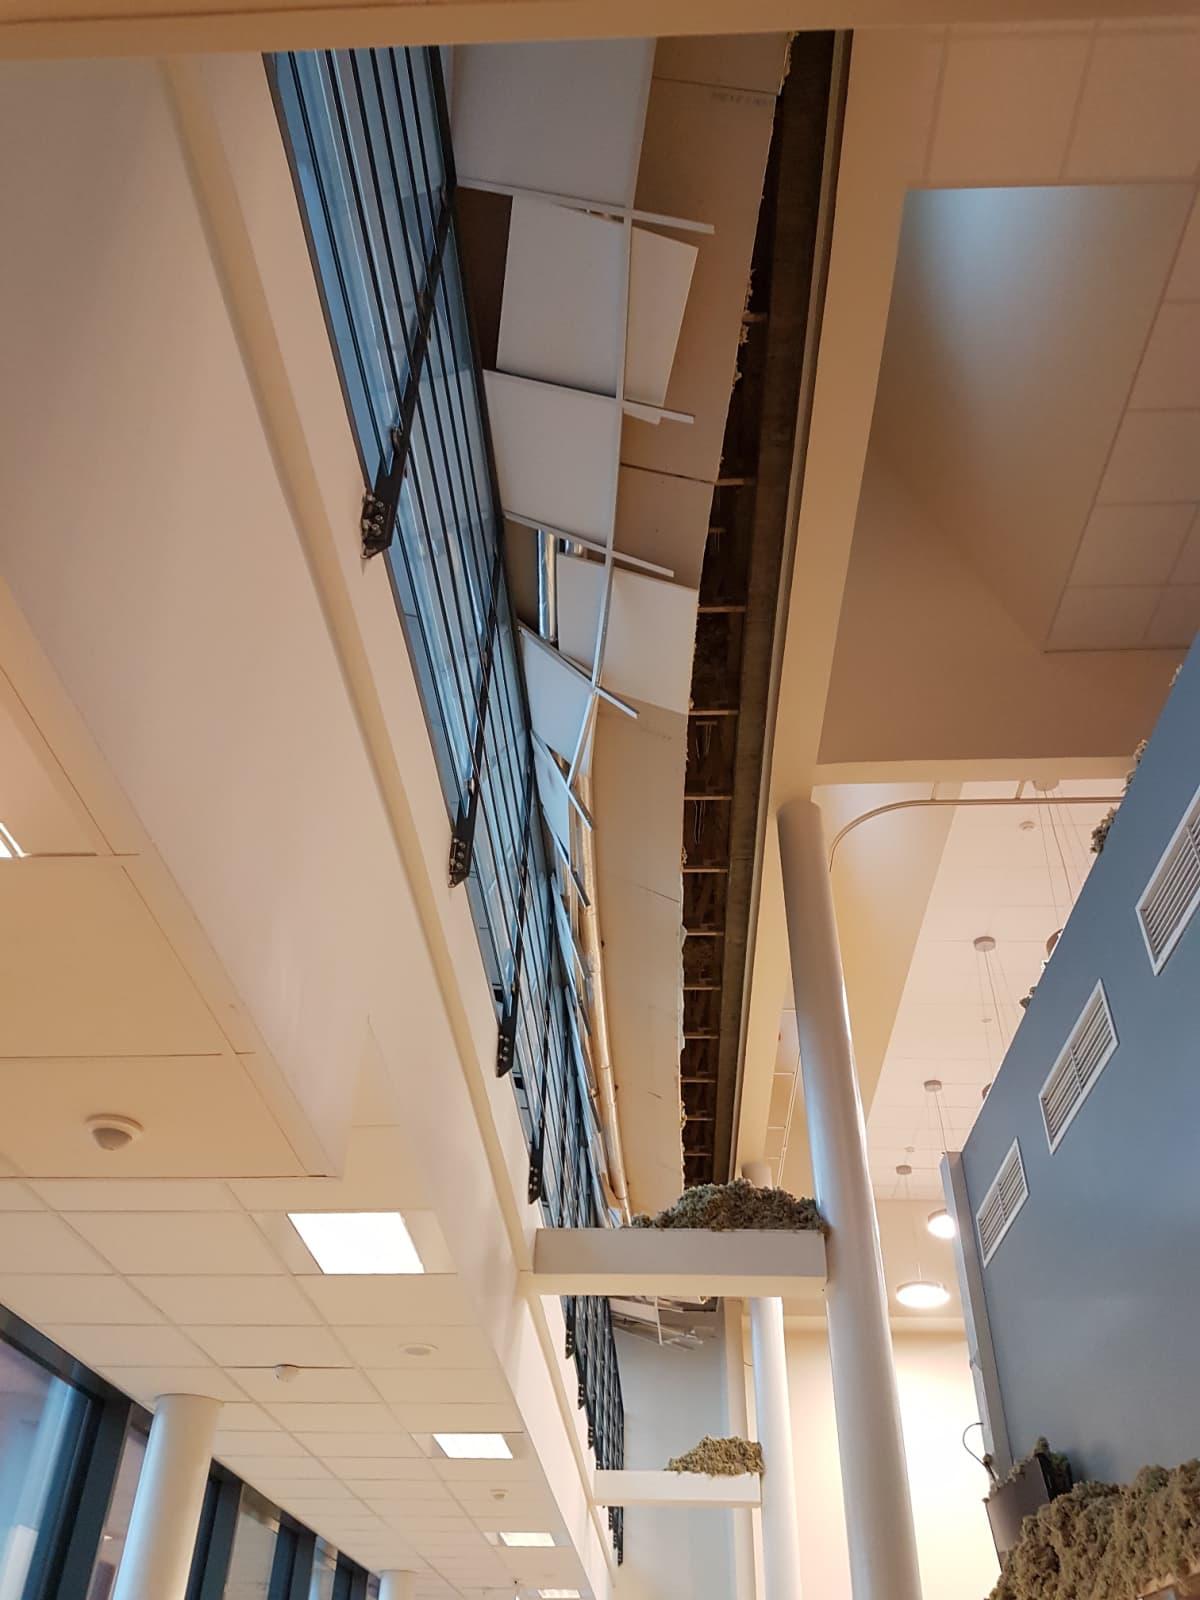 Tältä näyttää Harjurinteen koulun uudisosan ruokalan katto romahduksen jälkeen.